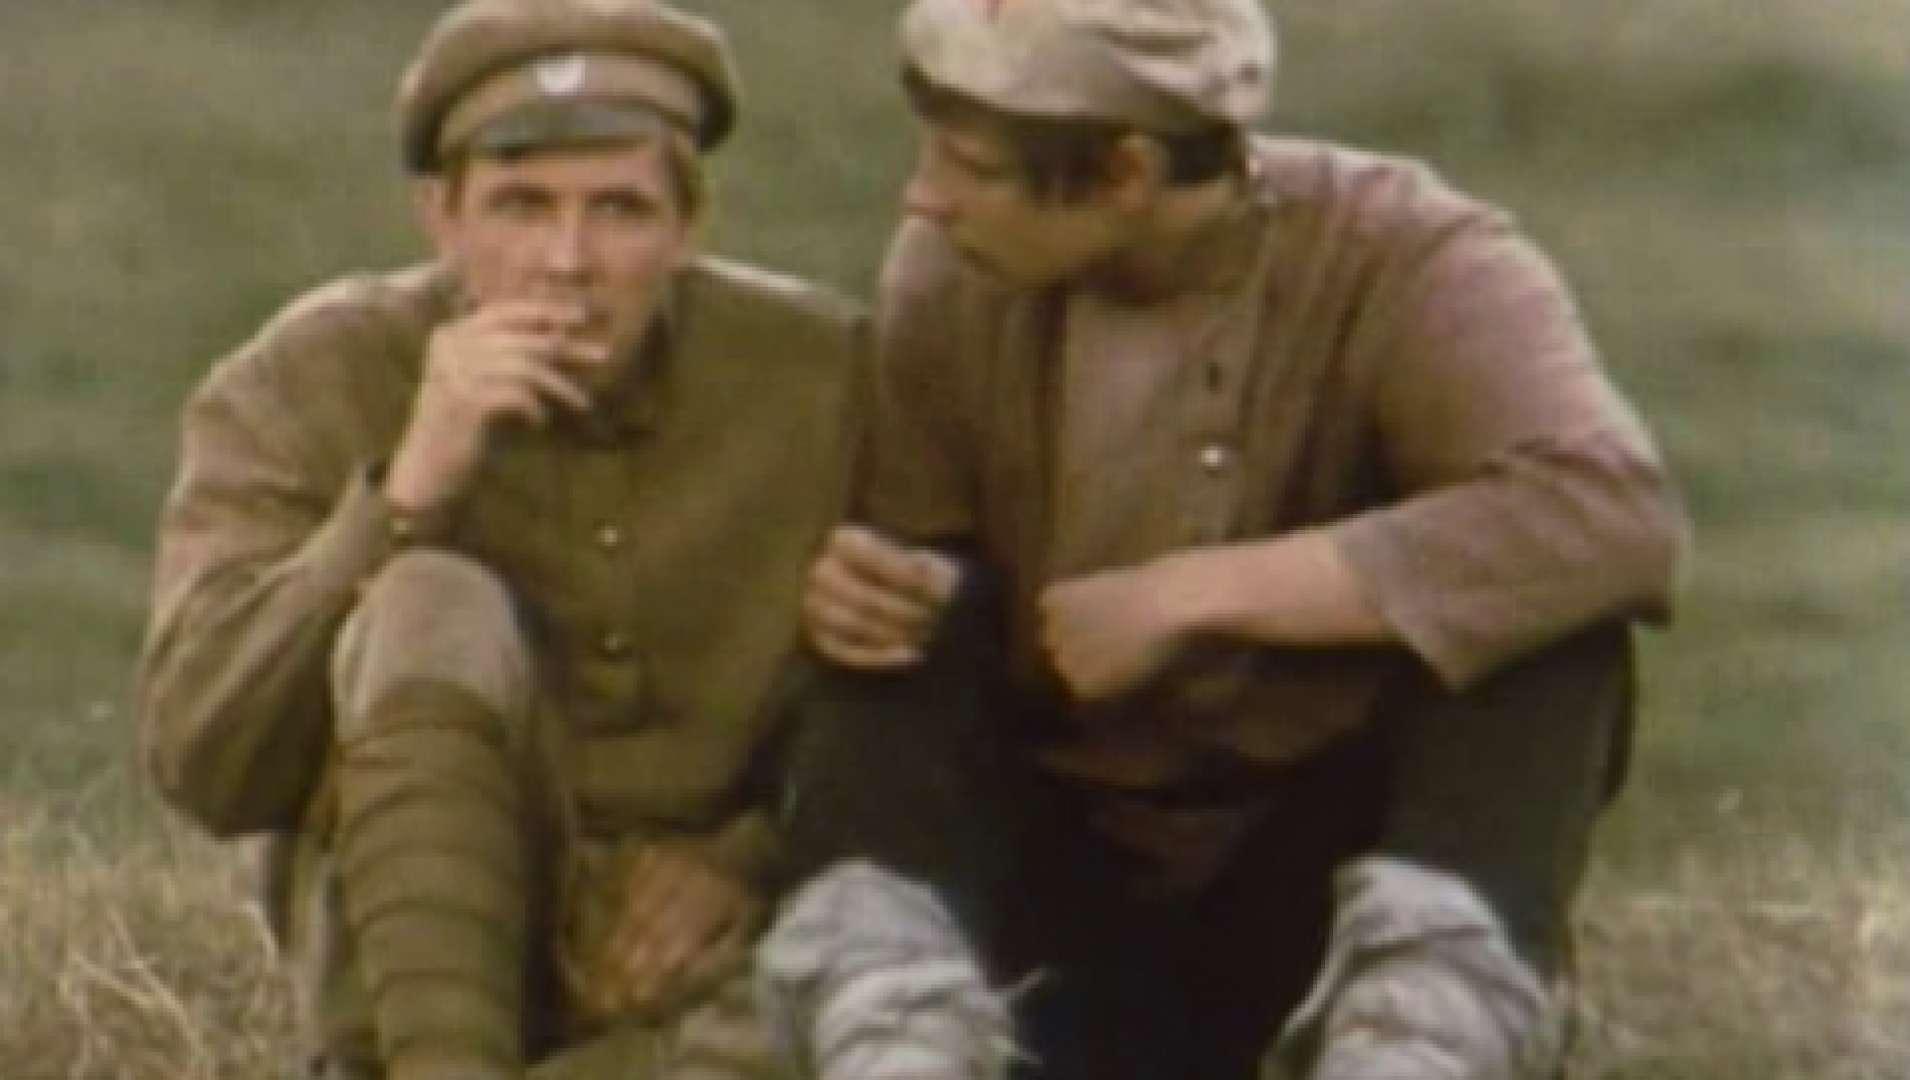 Бумбараш - Музыкальный, Трагикомедия, Приключения, Фильм